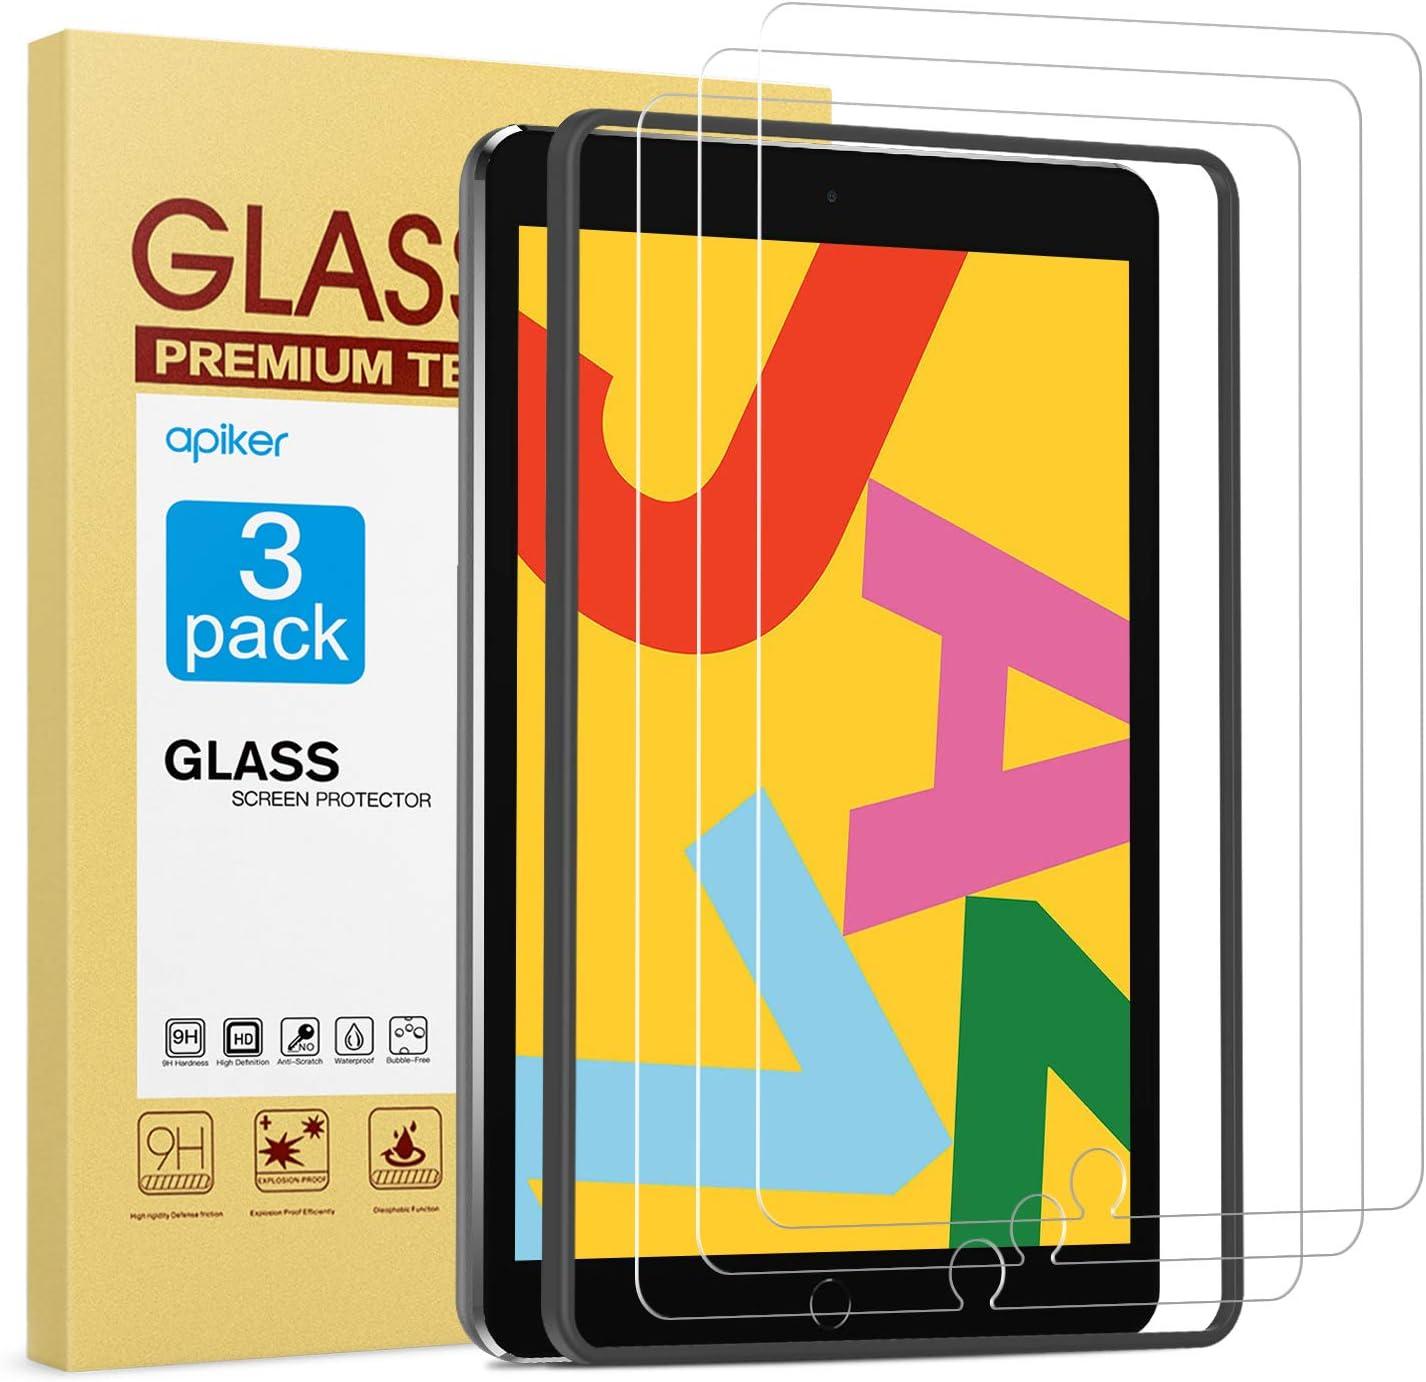 Protector de pantalla para iPad 7 10,2 pulgadas, modelo 2019